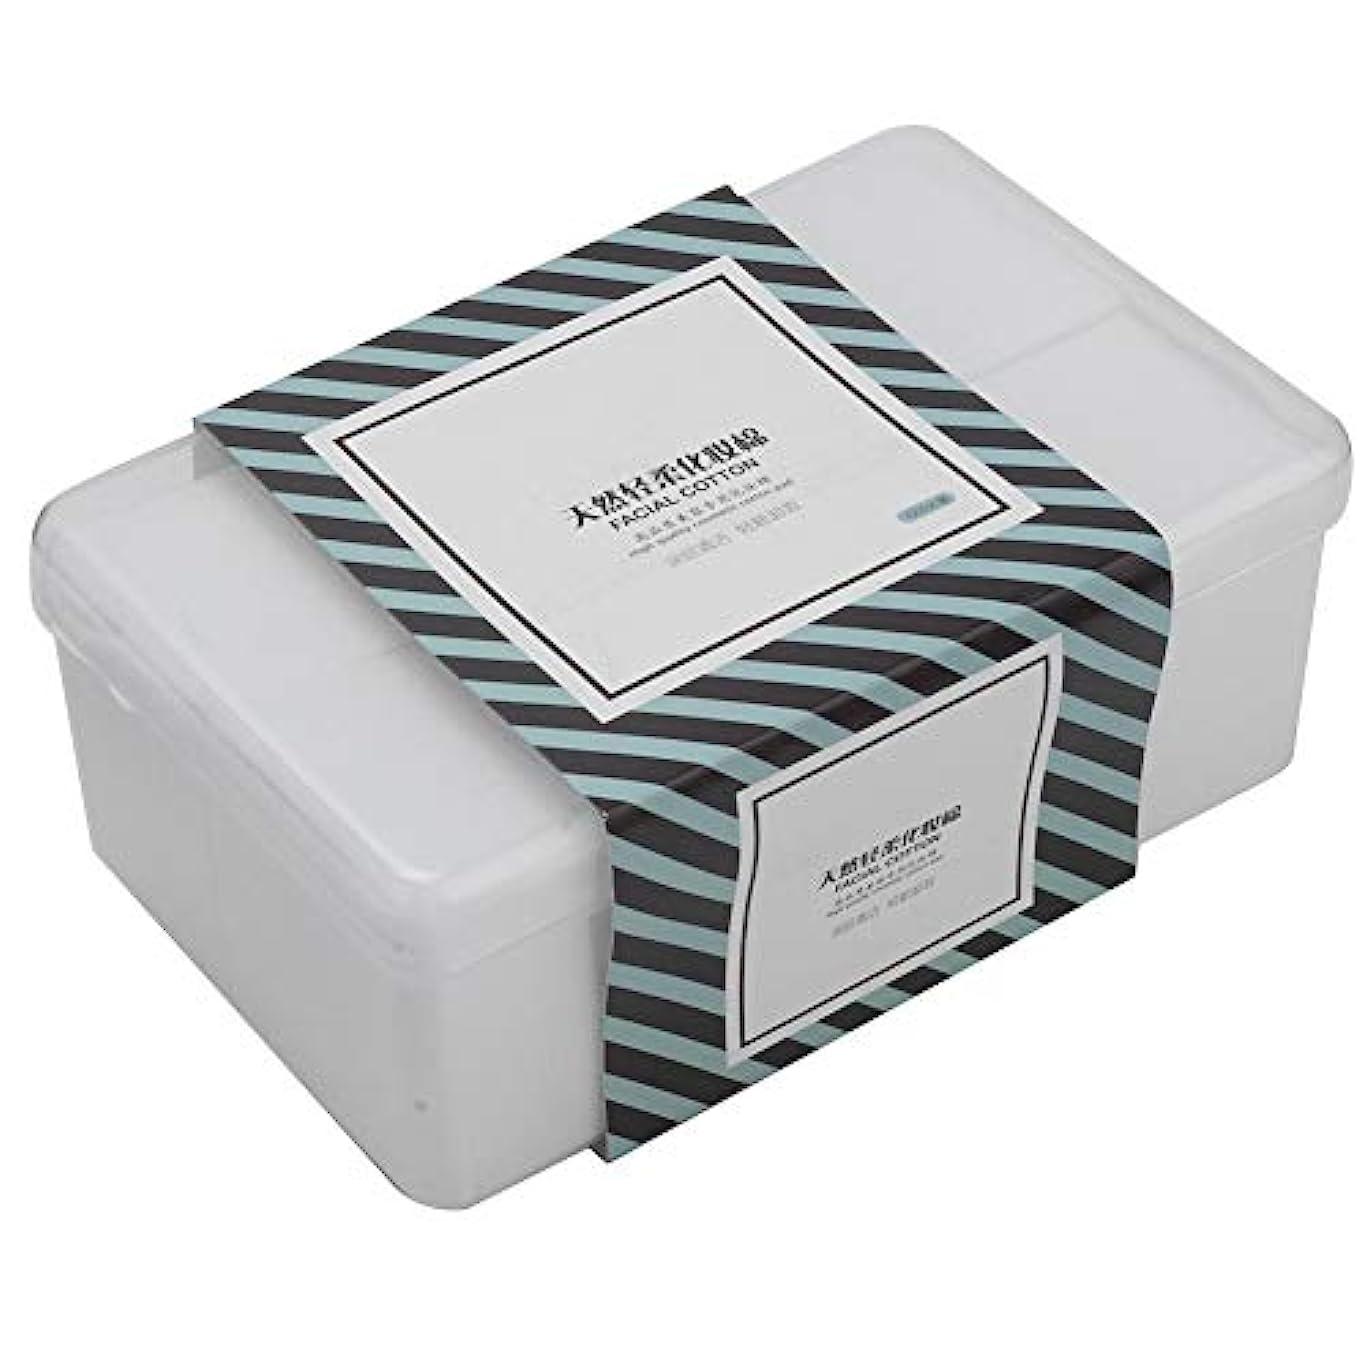 ハリケーン便宜非難する1000枚 /箱の構造の綿パッドの化粧品は清潔になりますスキンケアを拭きます